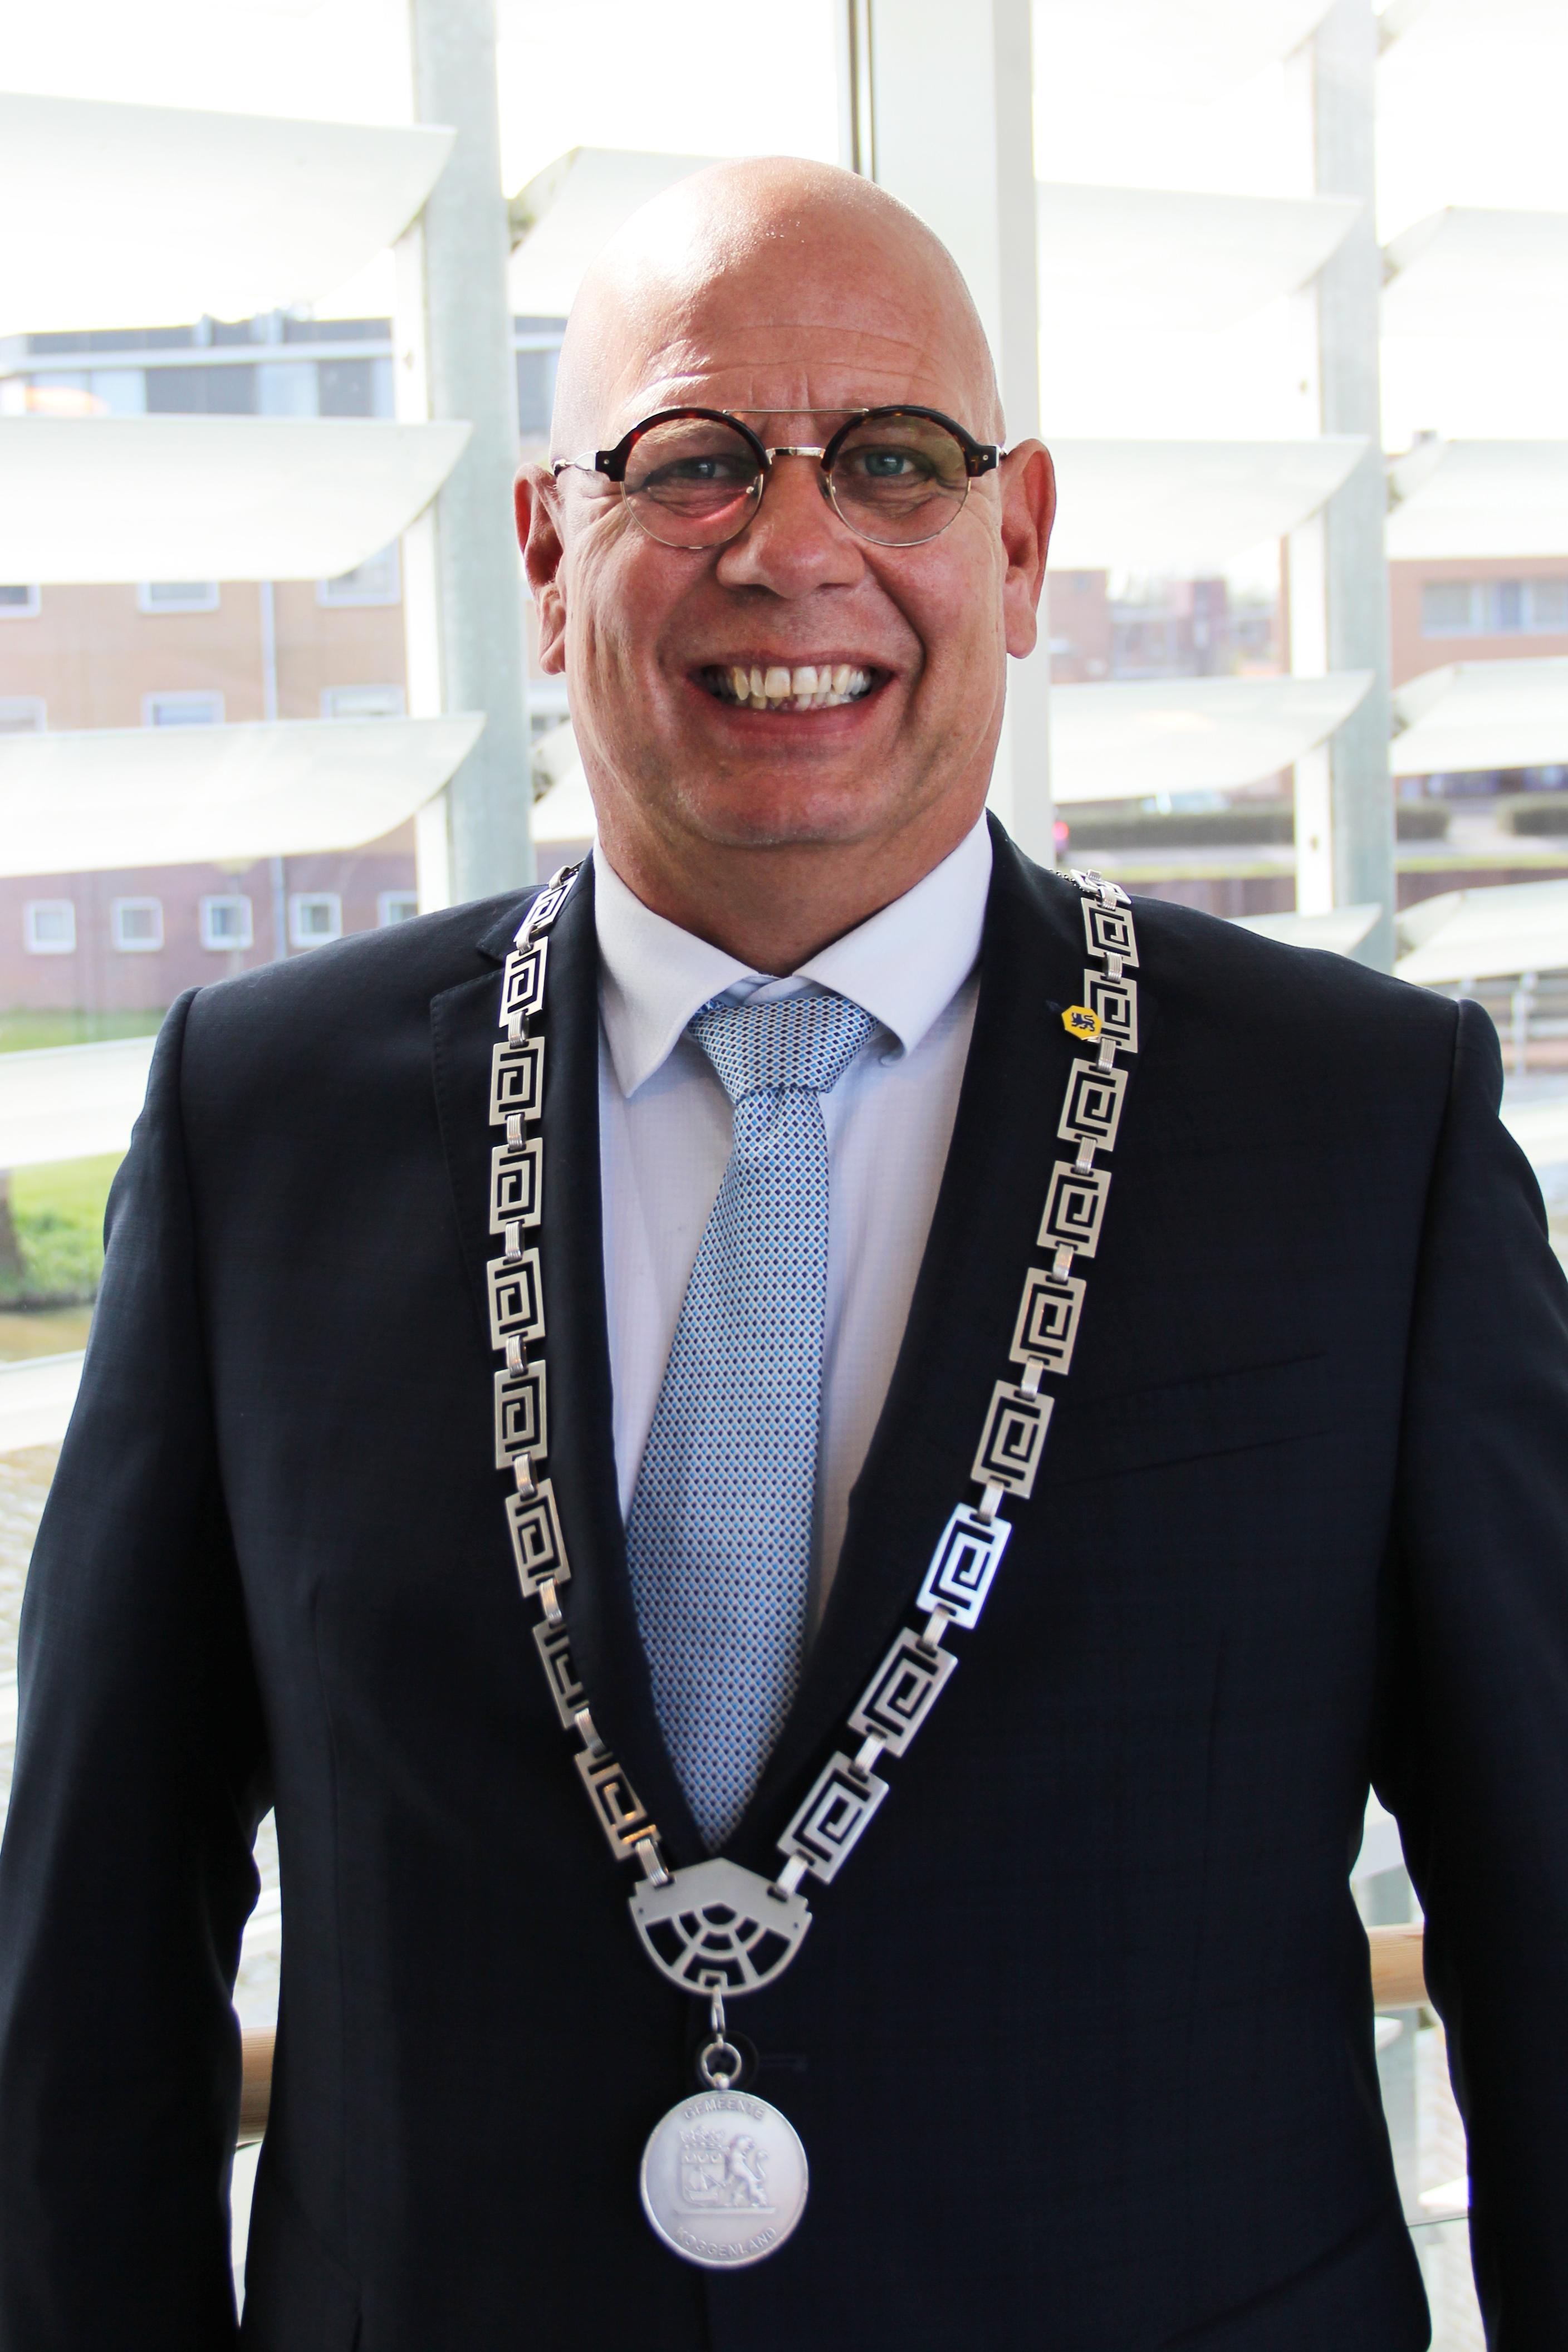 Burgemeester Franx fietst naar u toe, deze zomer: 'Ik kan moeilijk alle inwoners van Koggenland tegelijk op de koffie vragen'